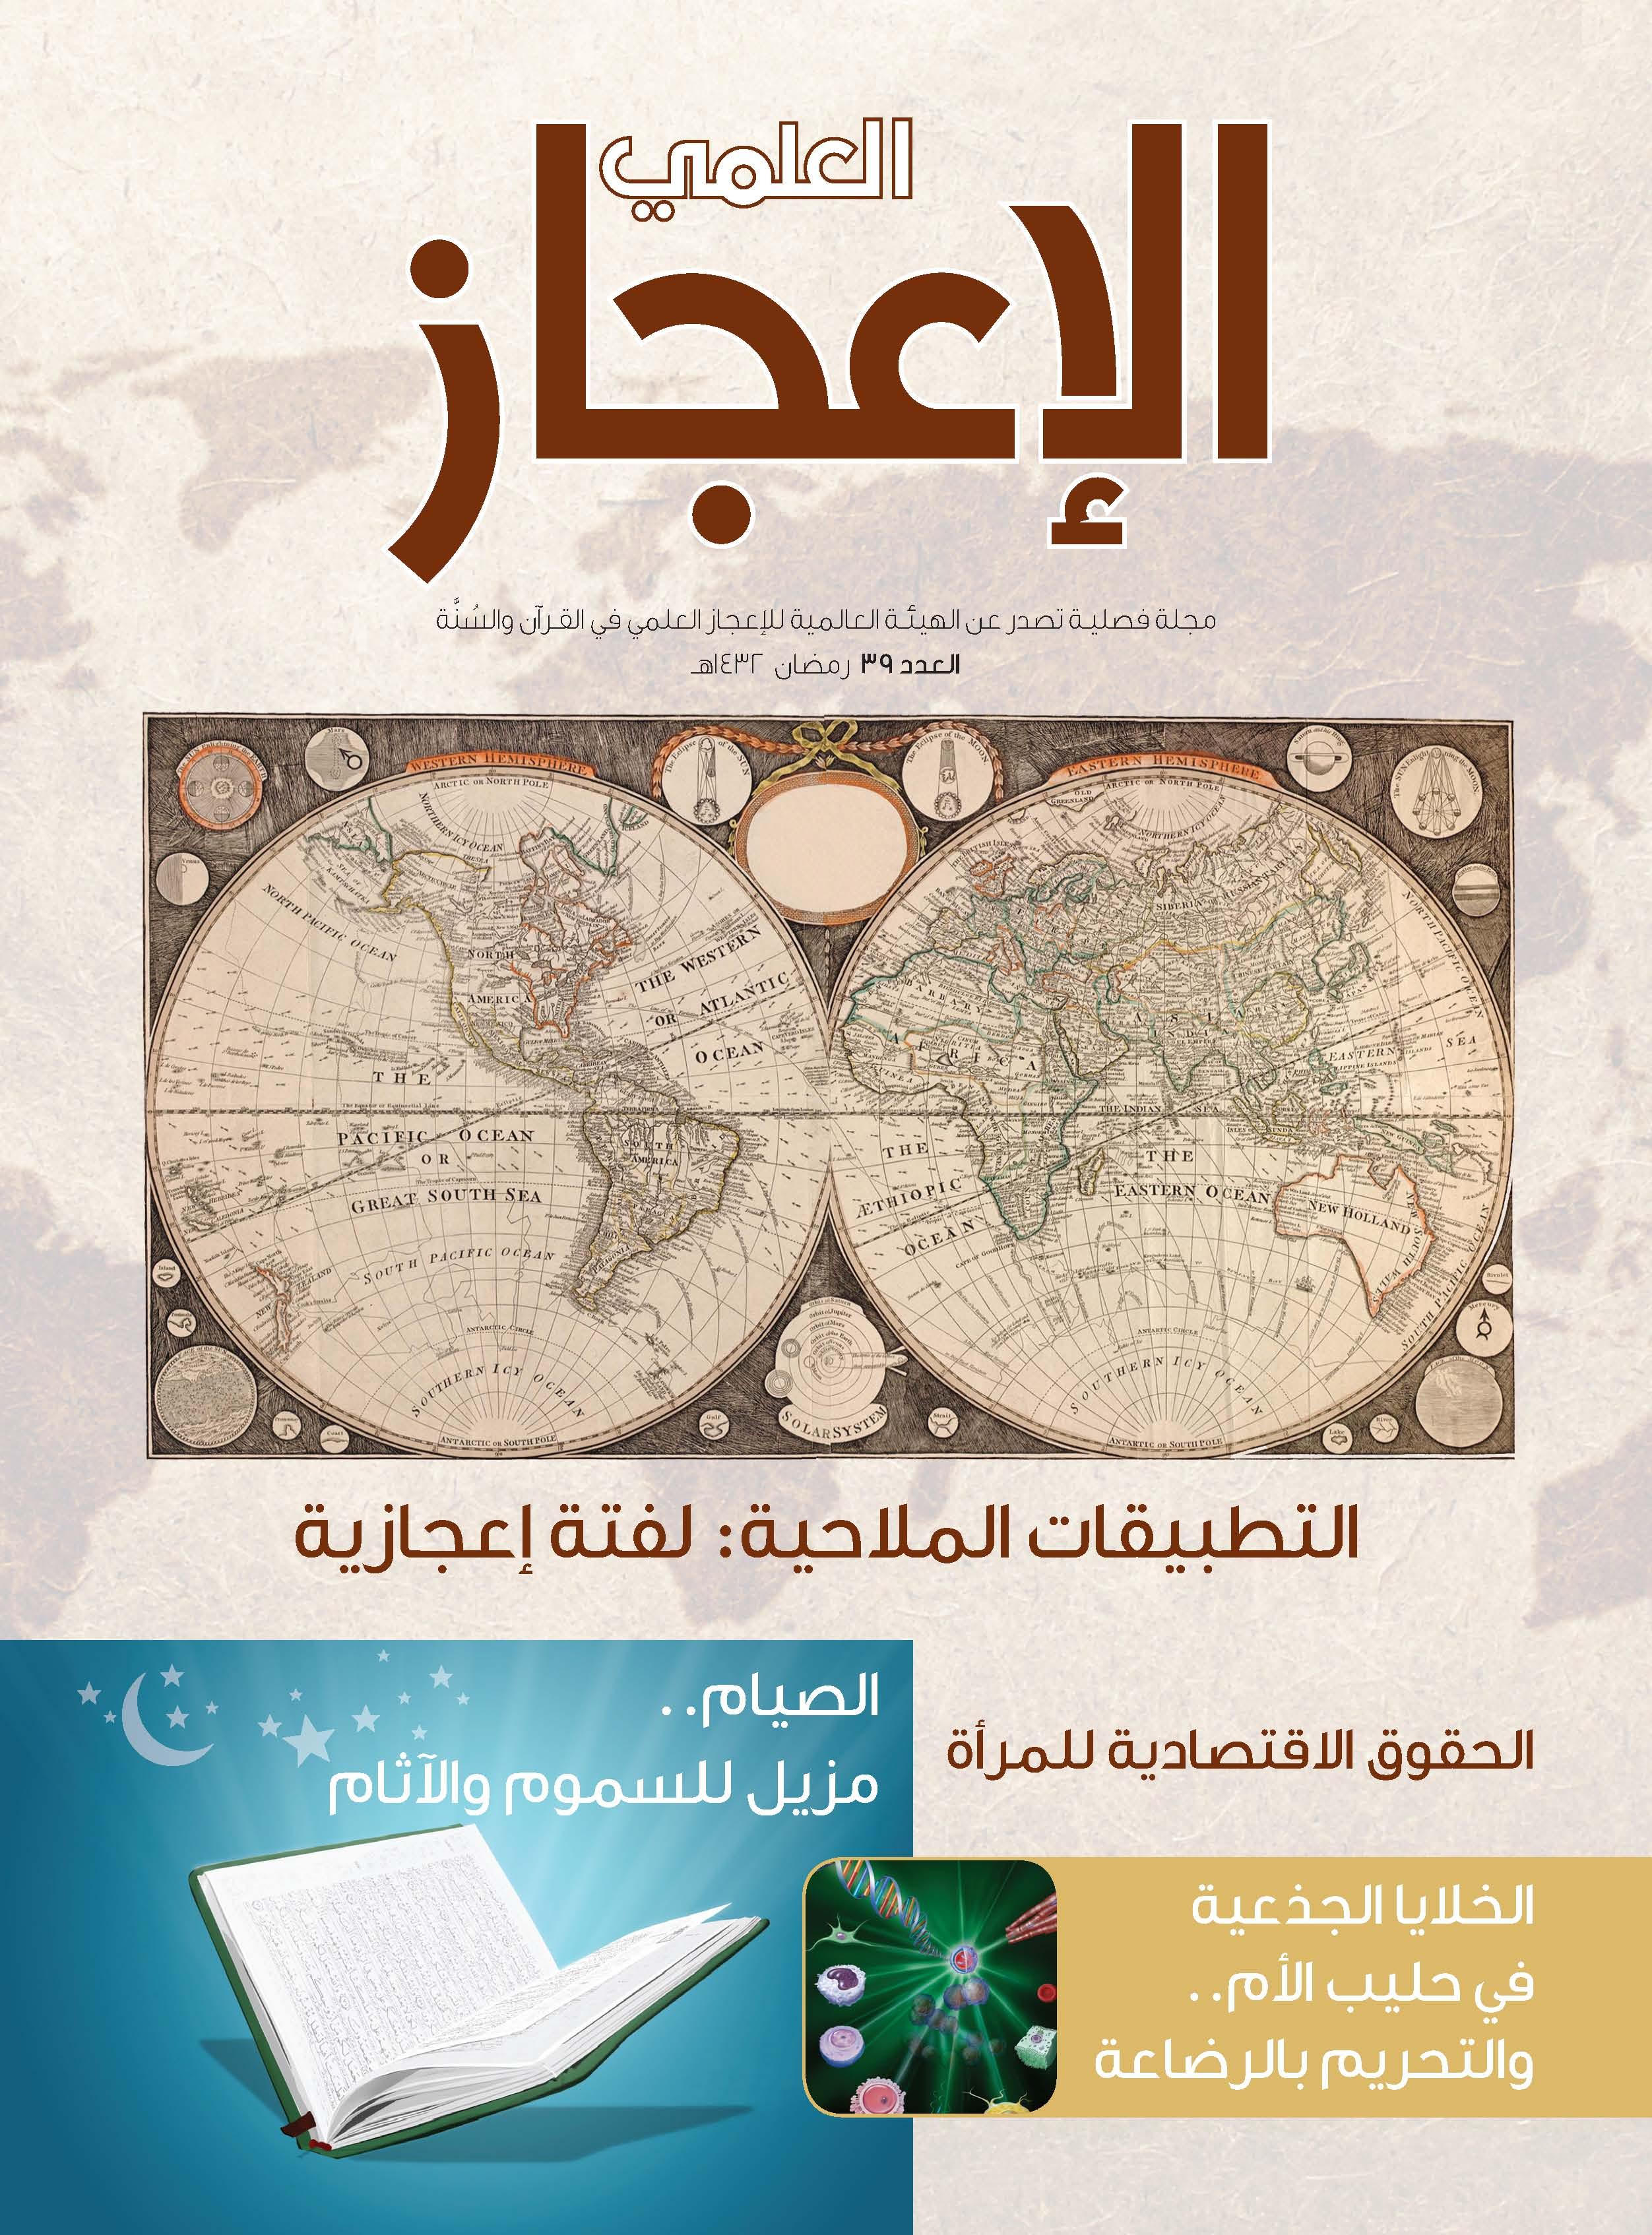 مجلة الإعجاز العلمي - العدد التاسع والثلاثون